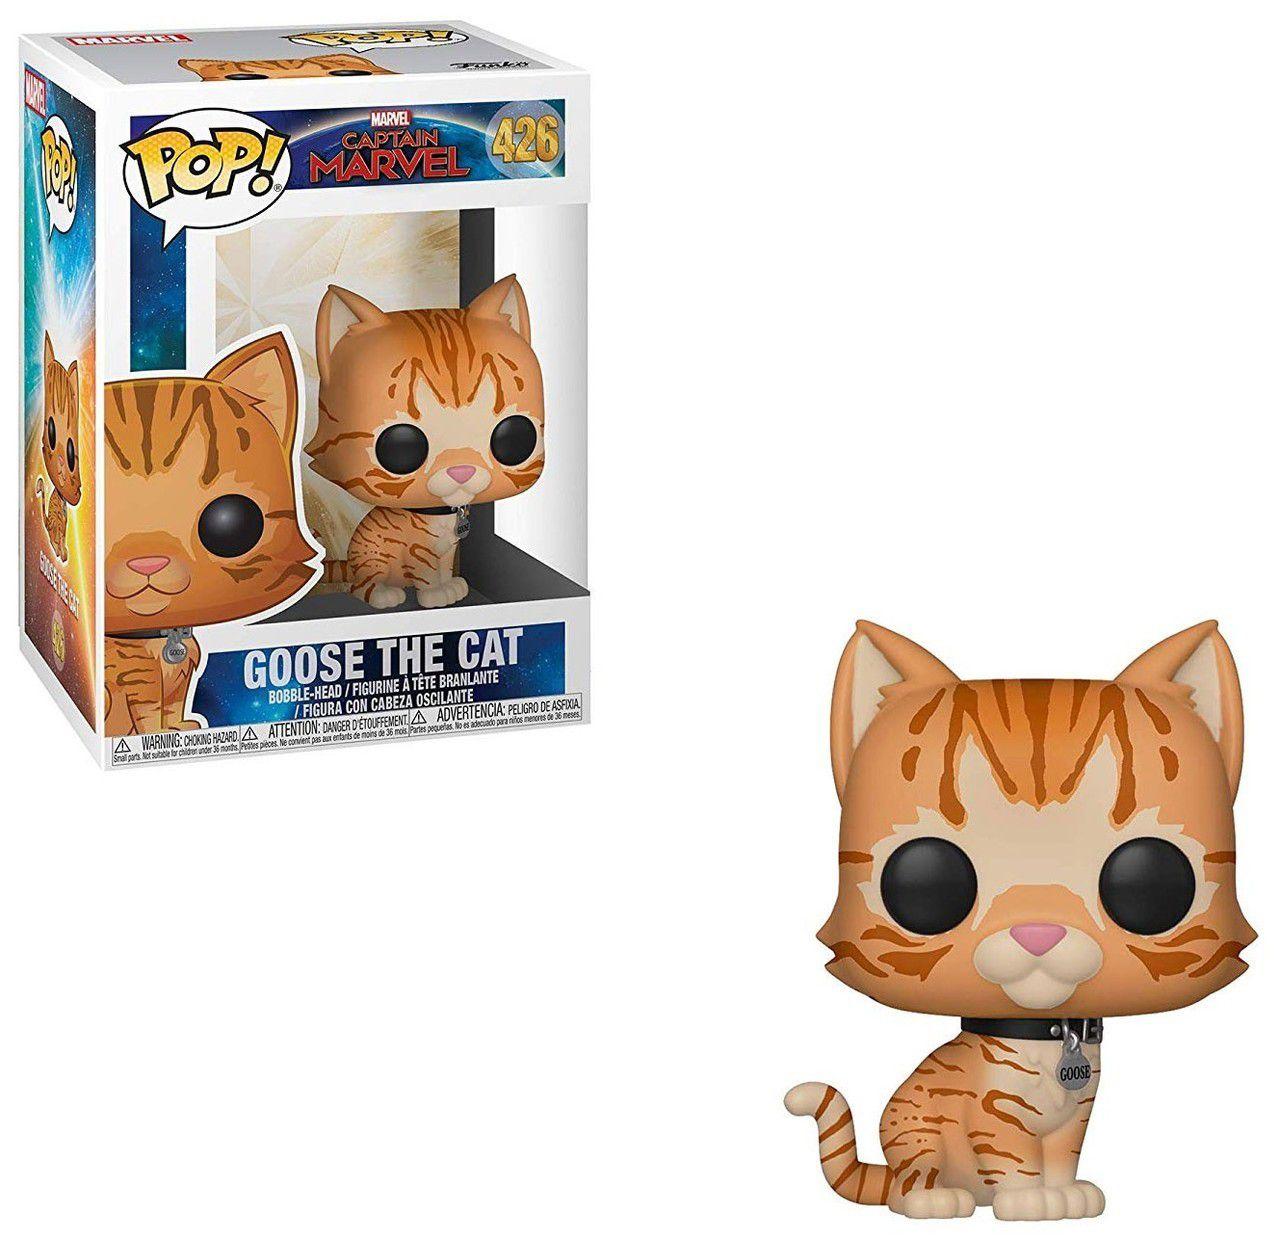 POP FUNKO 426 GOOSE THE CAT CAPTAIN MARVEL